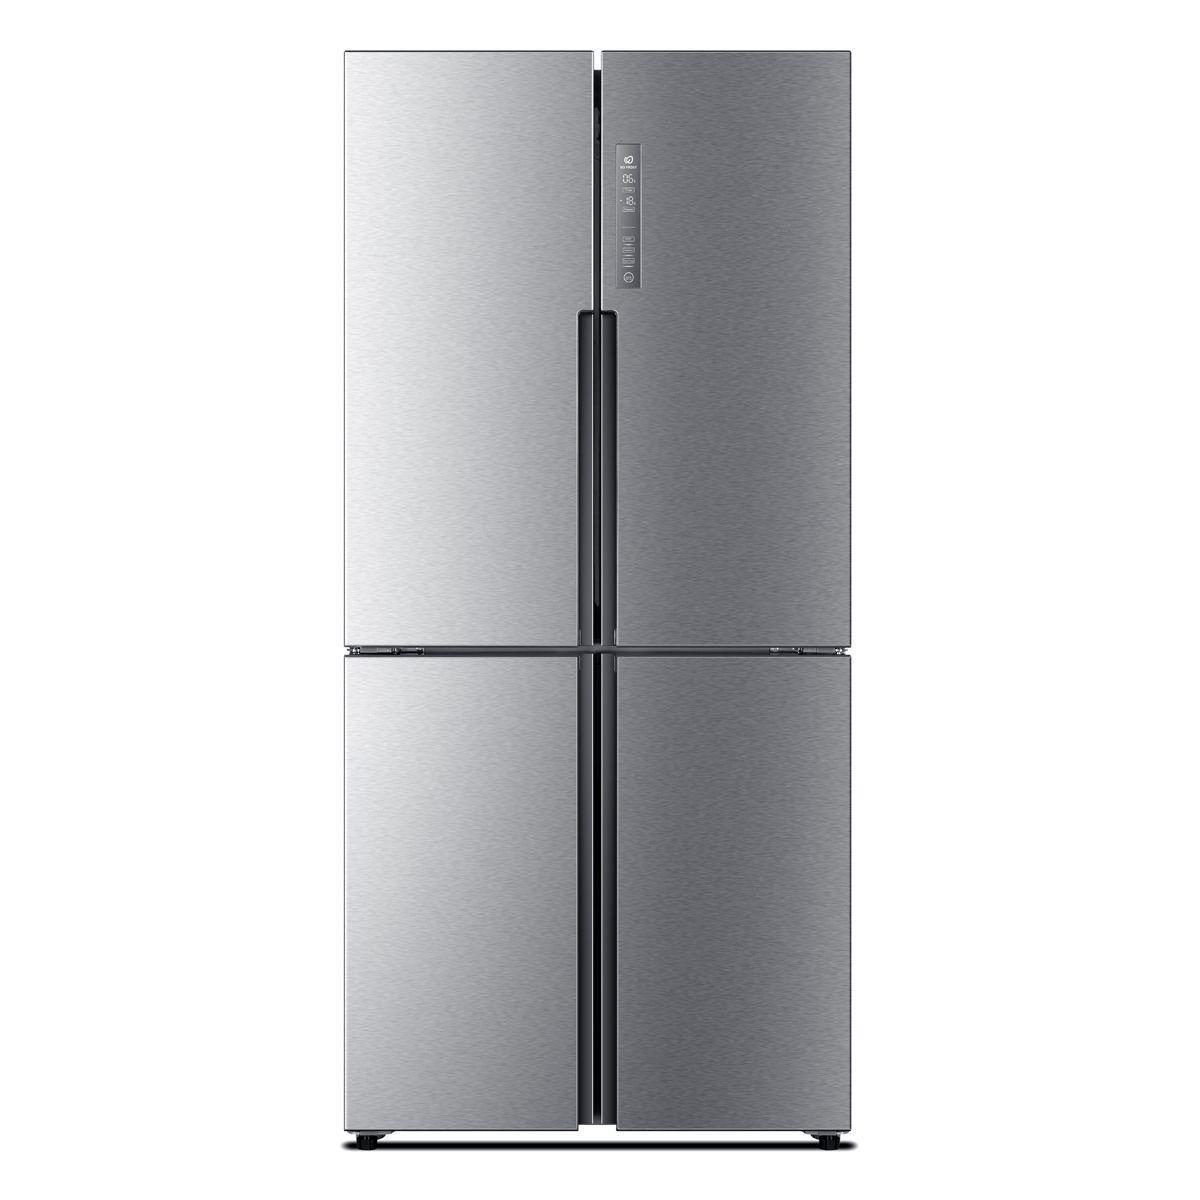 Réfrigérateur multi portes HAIER HTF-456DM6